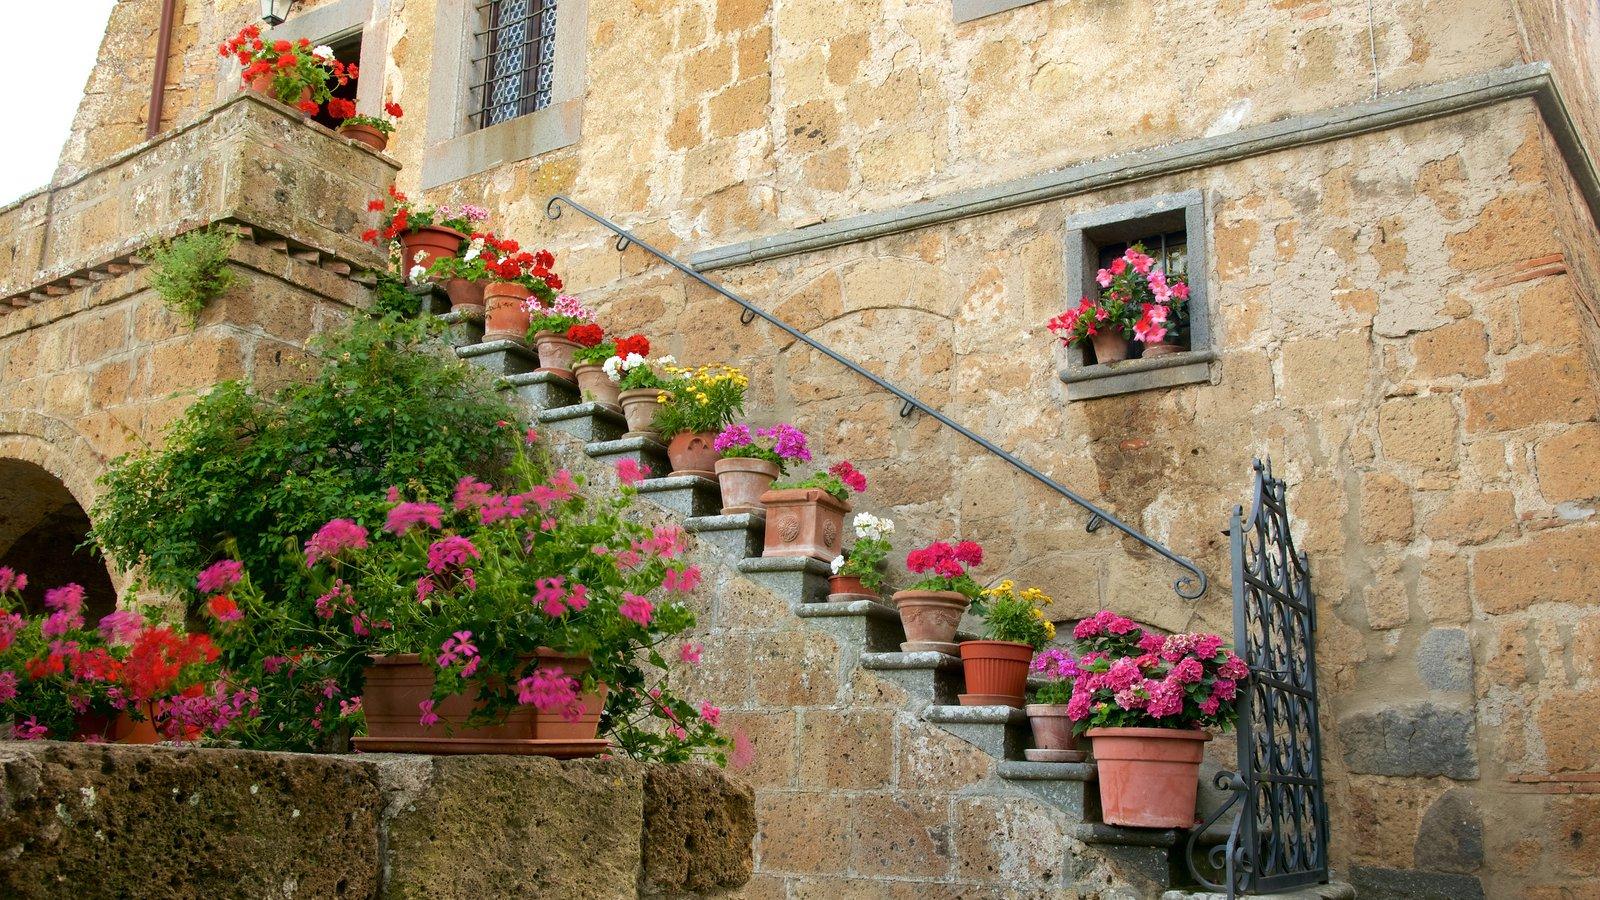 Bagnoregio que inclui arquitetura de patrimônio e flores